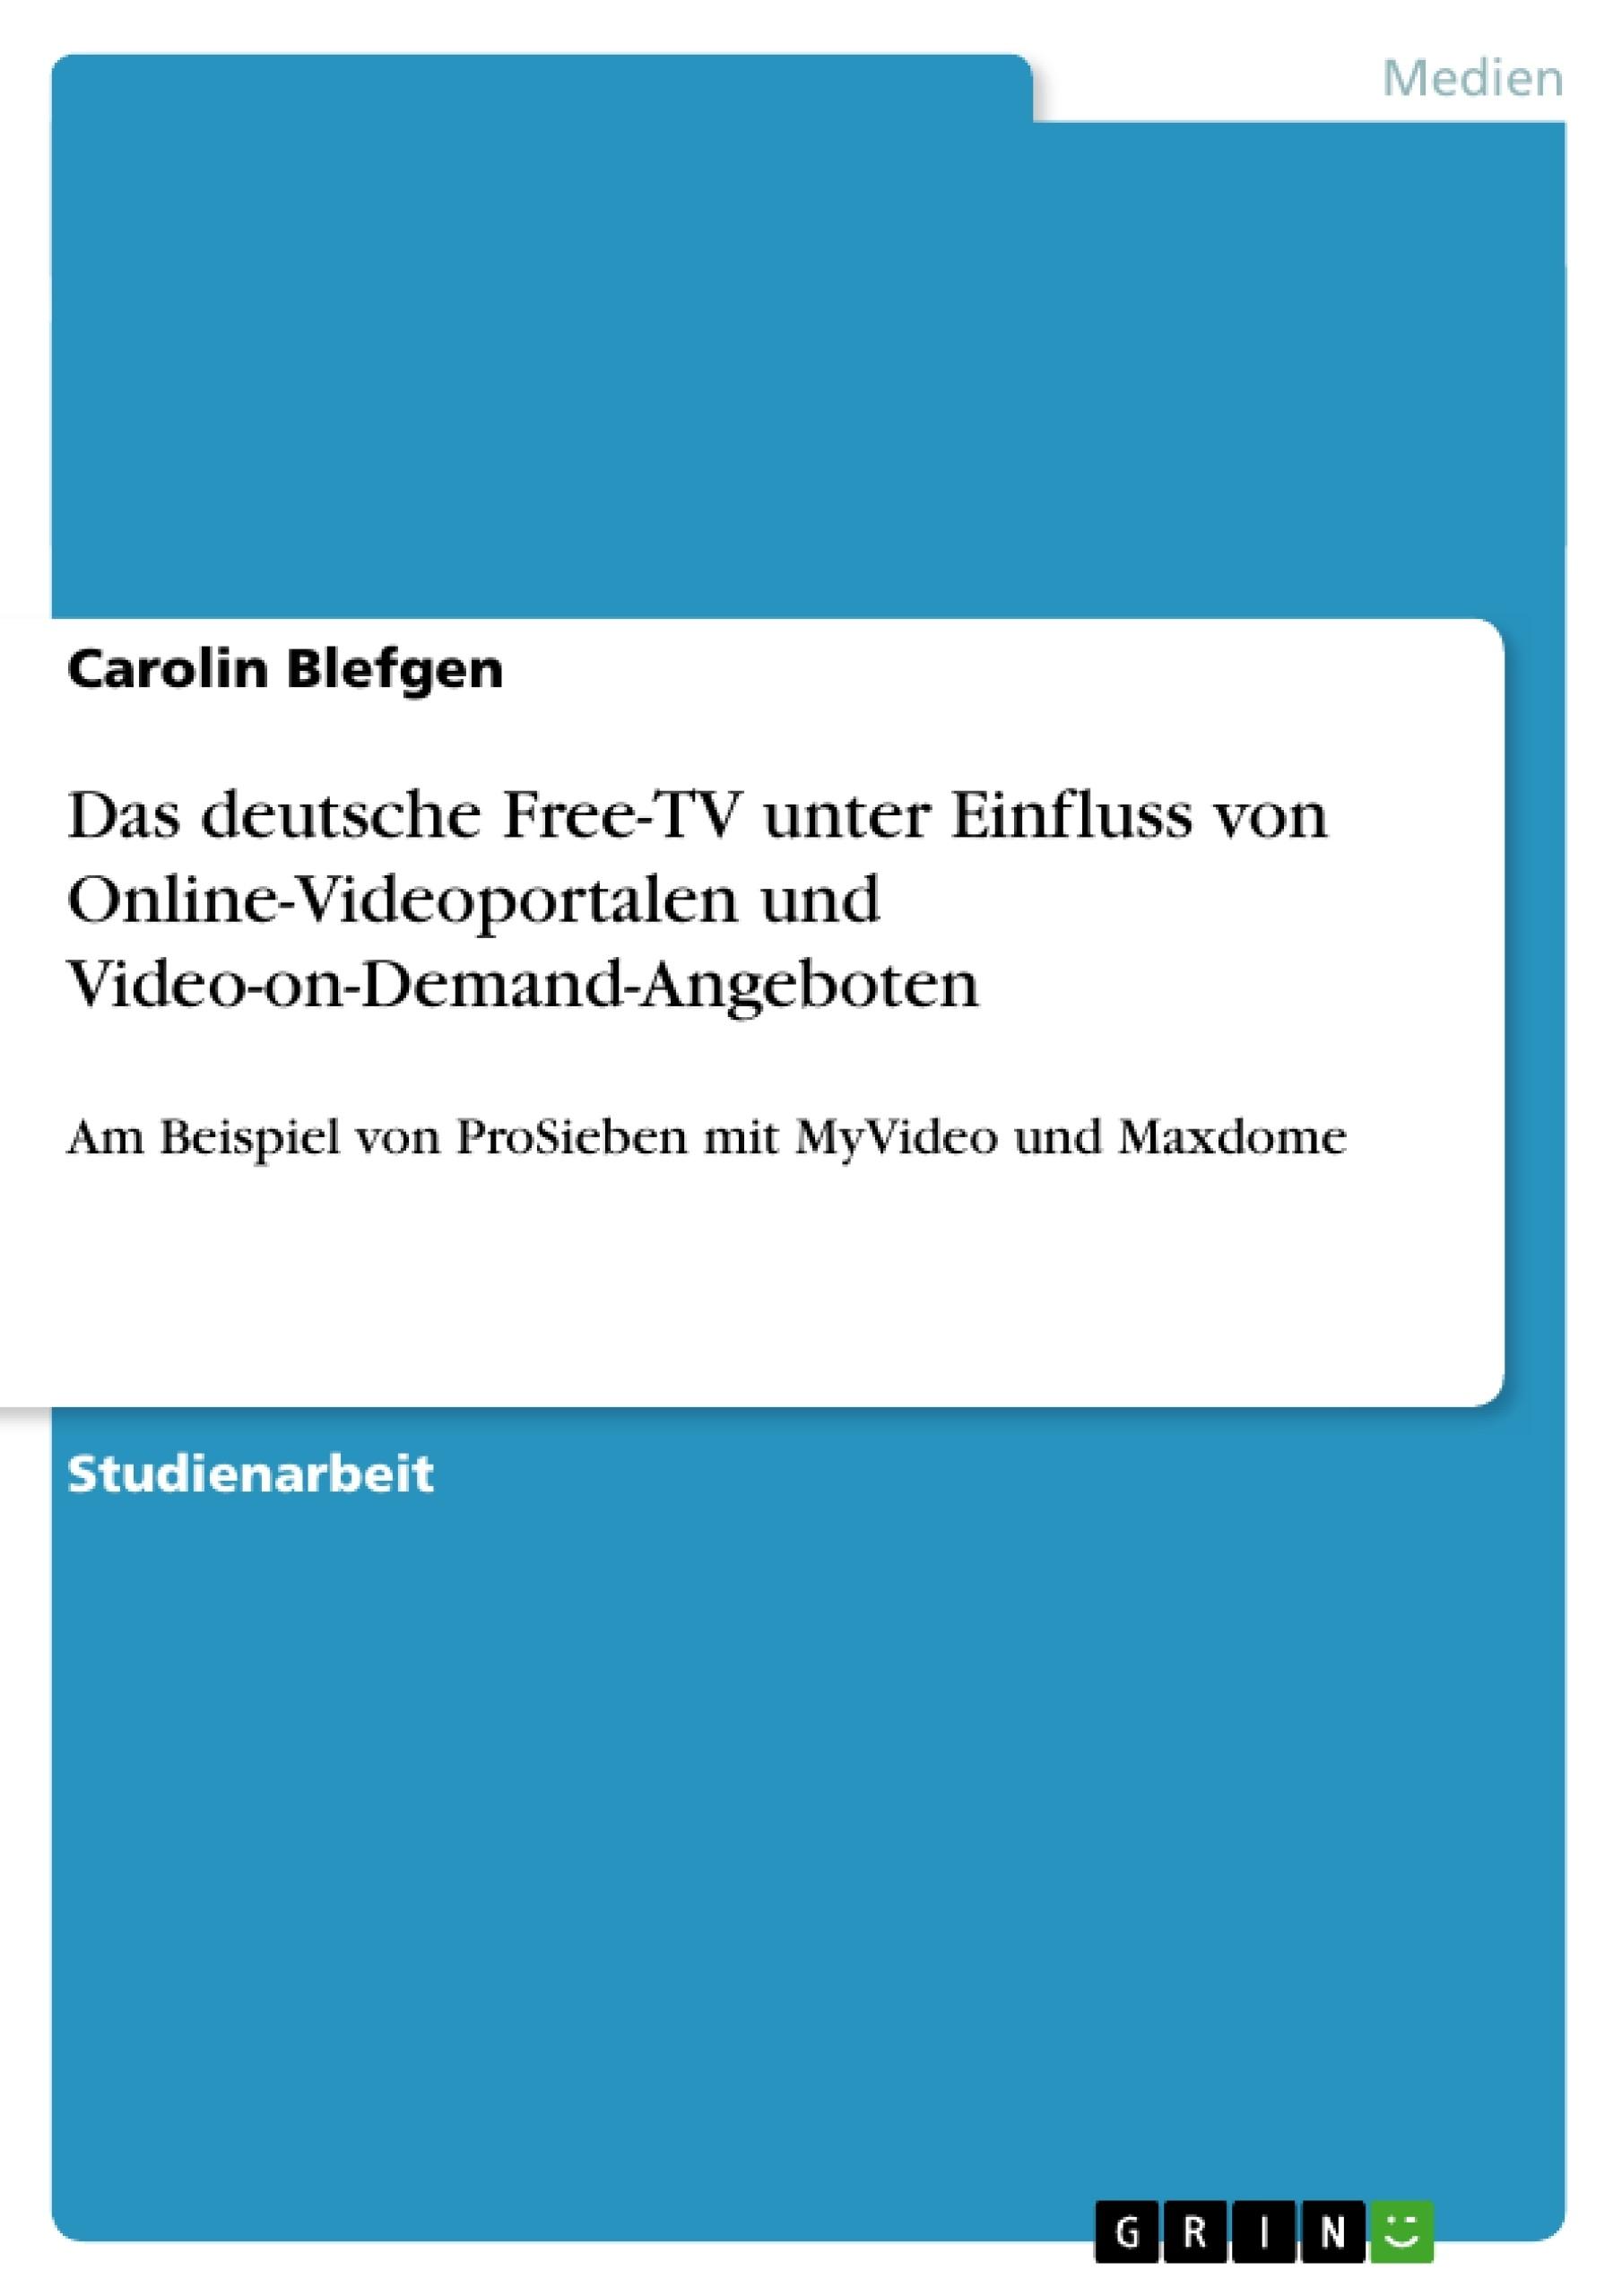 Titel: Das deutsche Free-TV unter Einfluss von Online-Videoportalen und Video-on-Demand-Angeboten